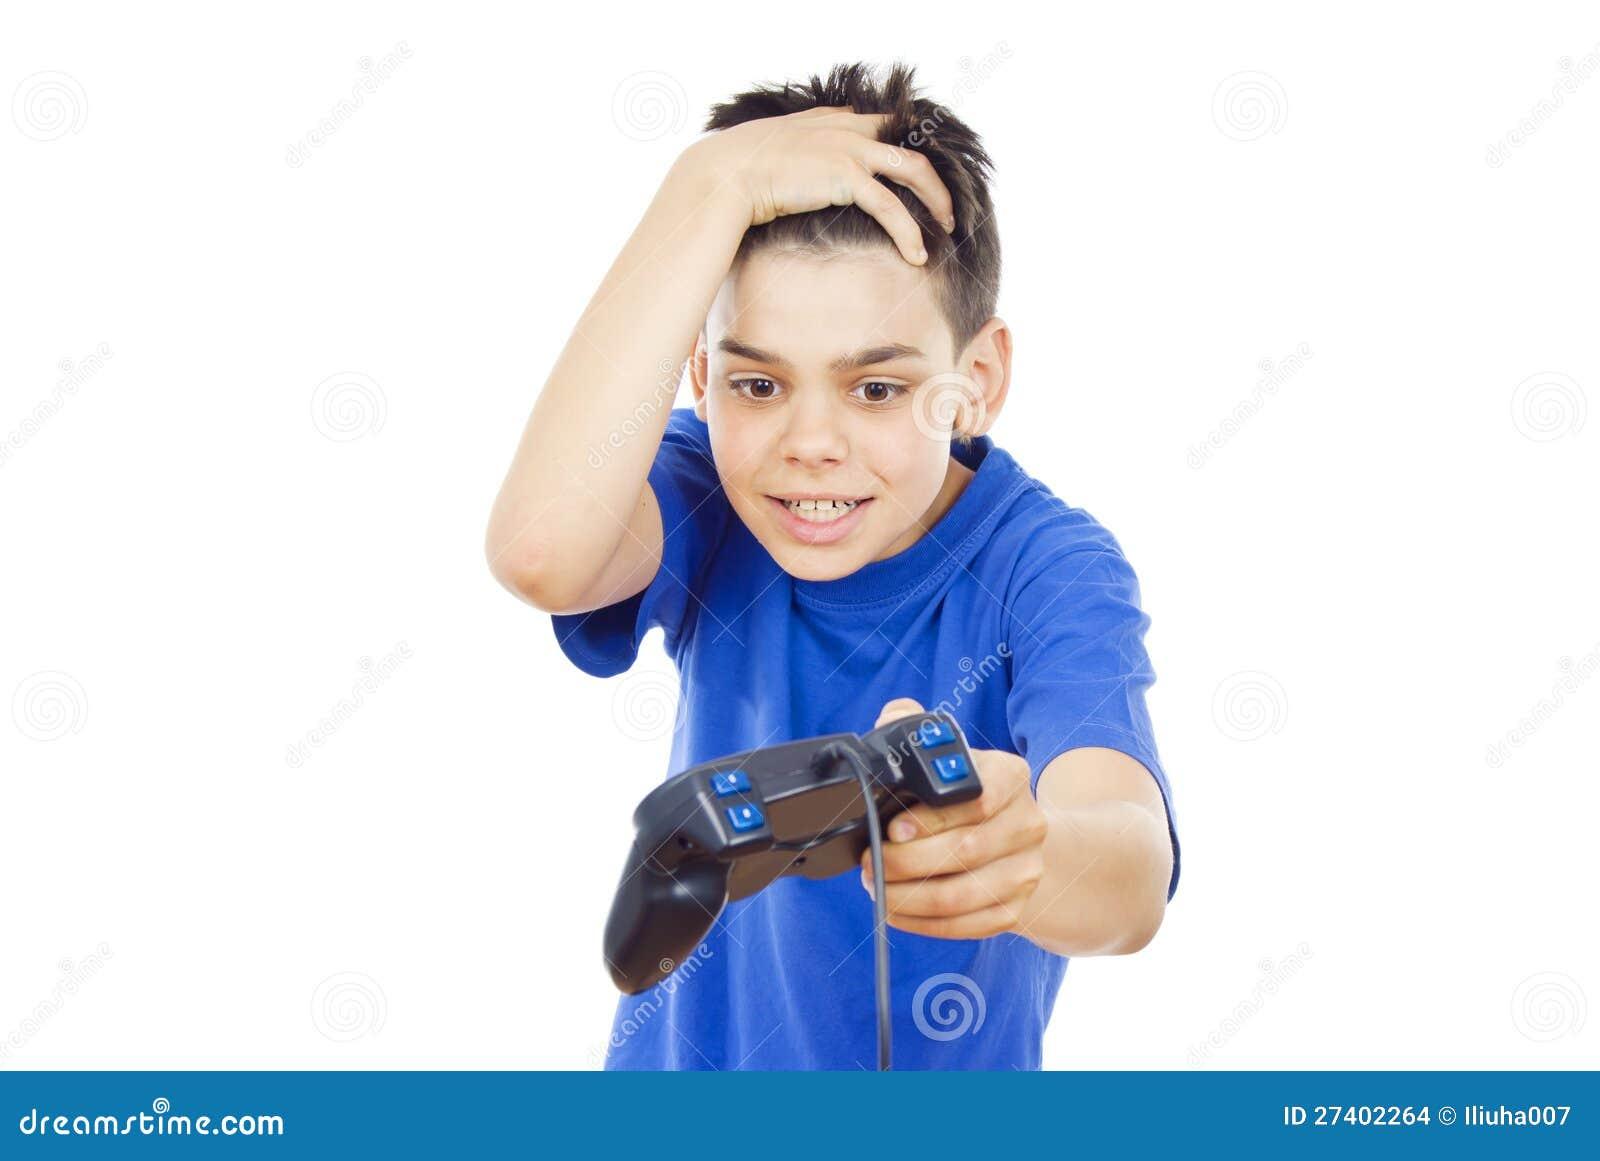 Giochi di computer dei giochi da bambini